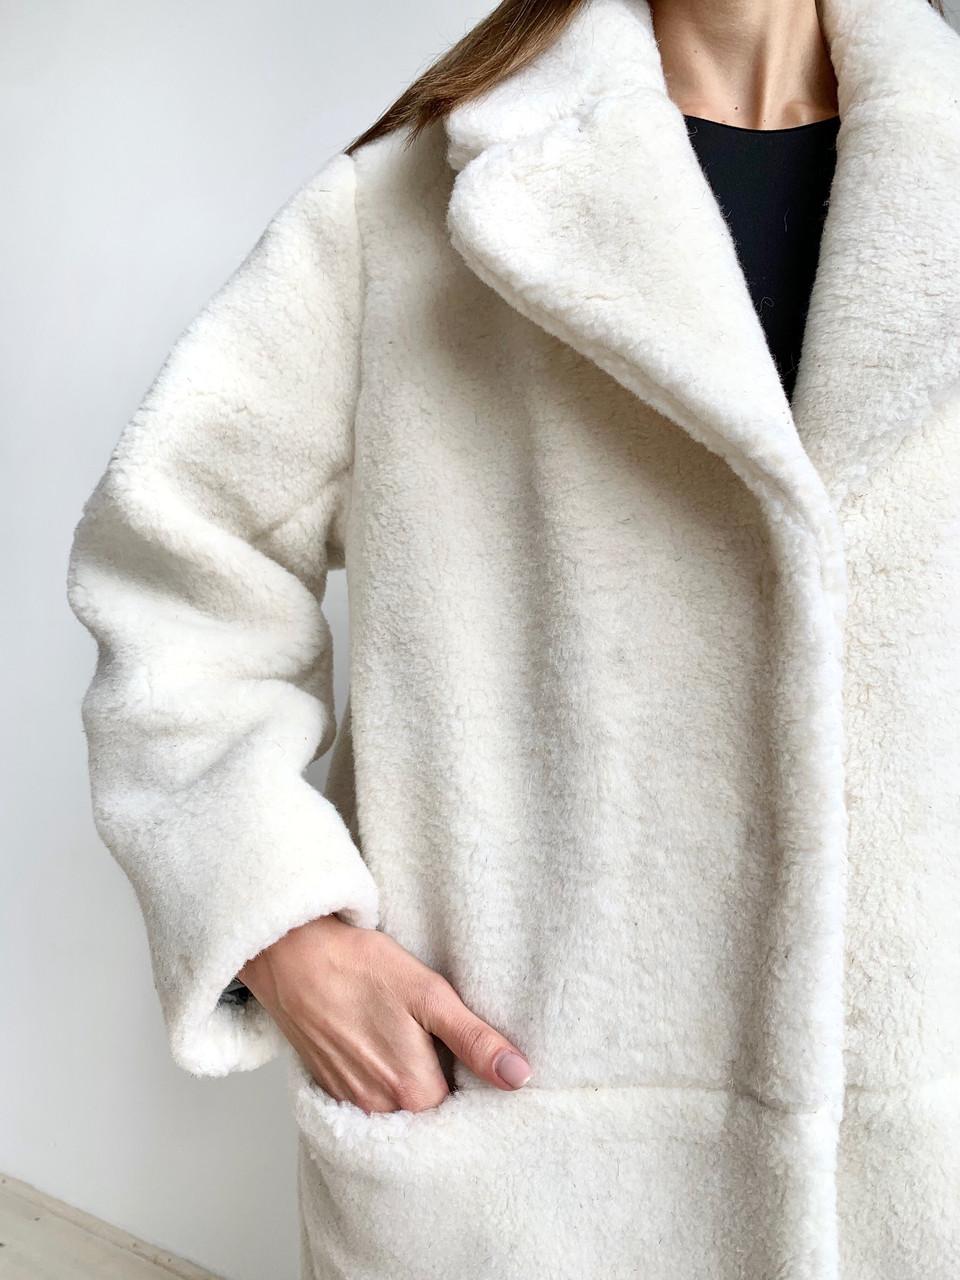 Шуба из натуральной стриженой овечьей шерсти длина 110 см, прорезные карманы, молочный цвет - фото 7